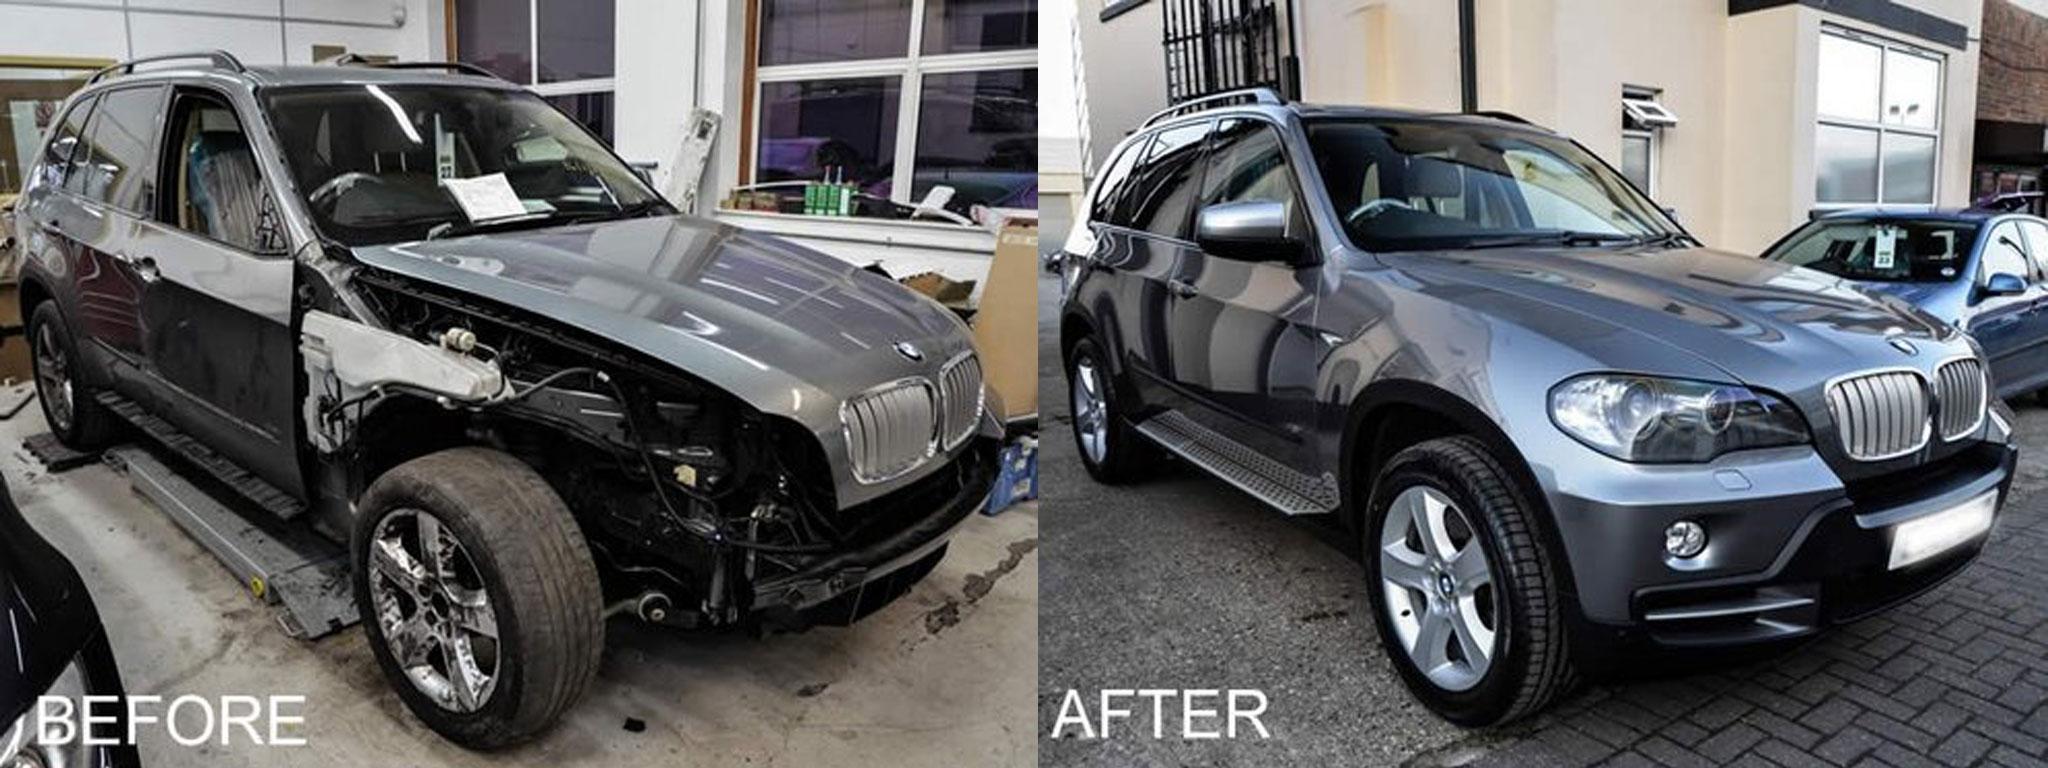 BMW repair bumper